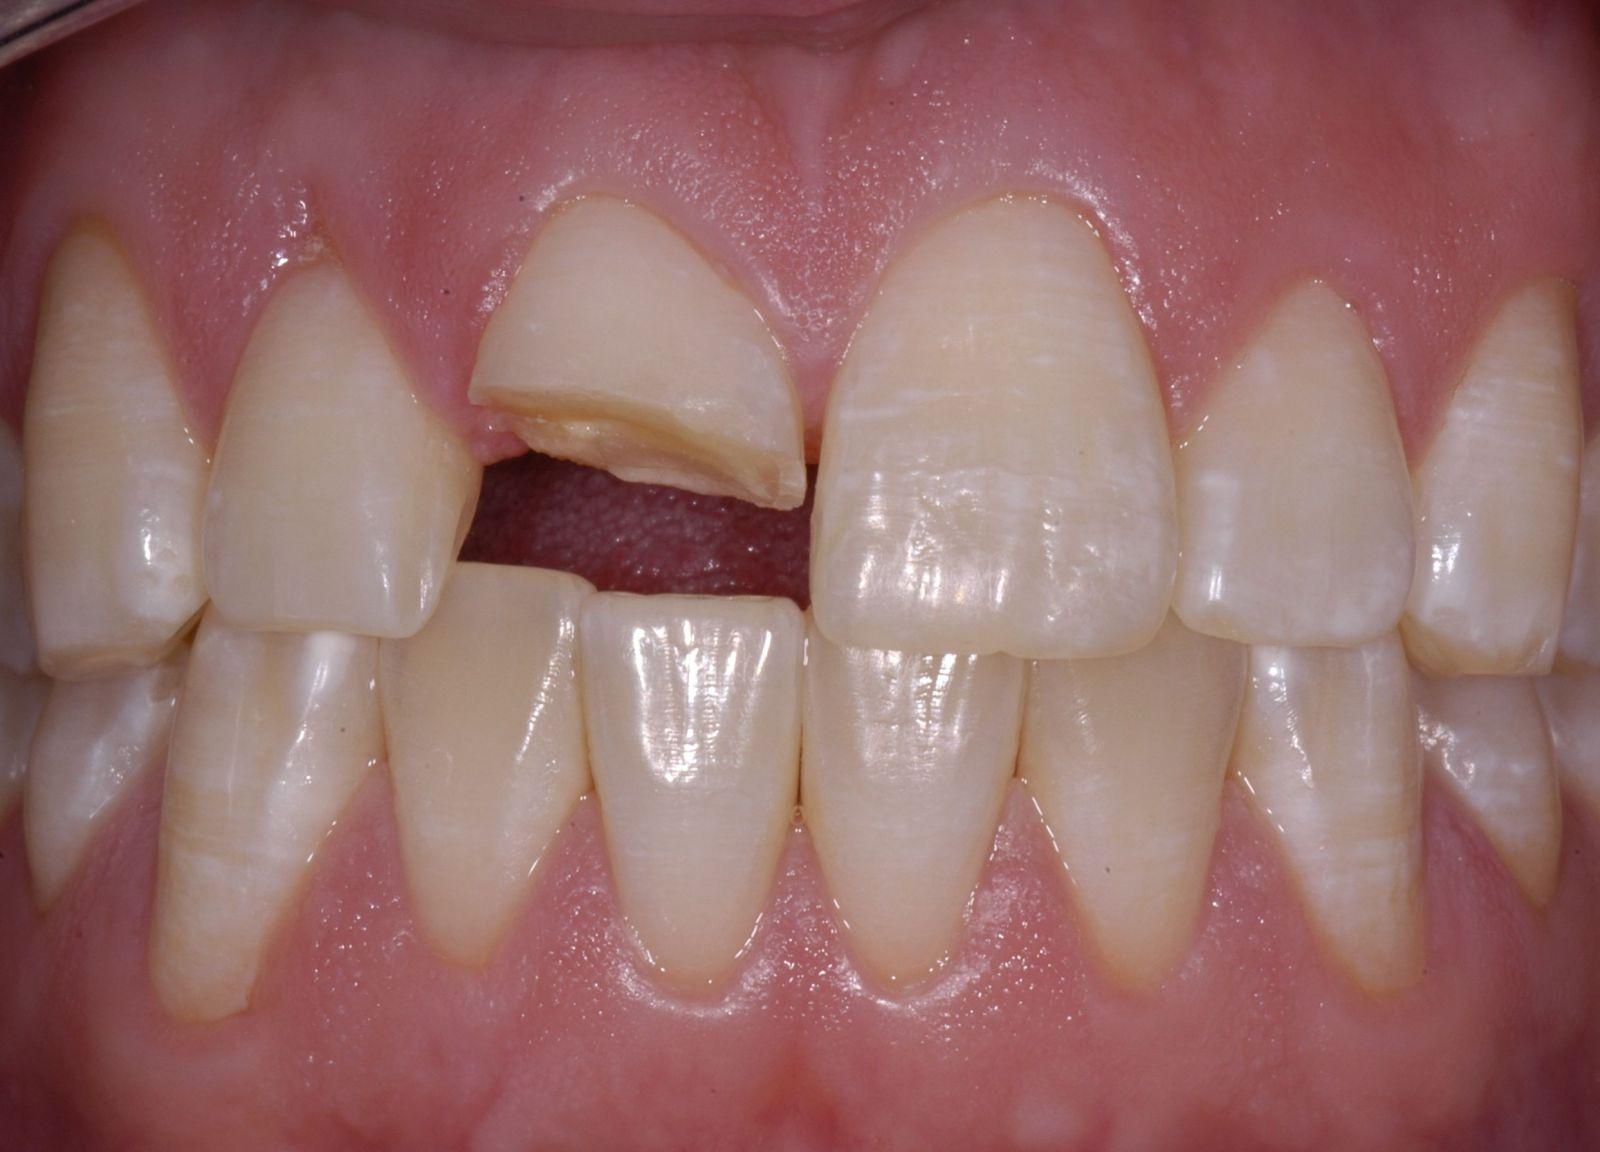 Khi nào nên bọc sứ răng cửa